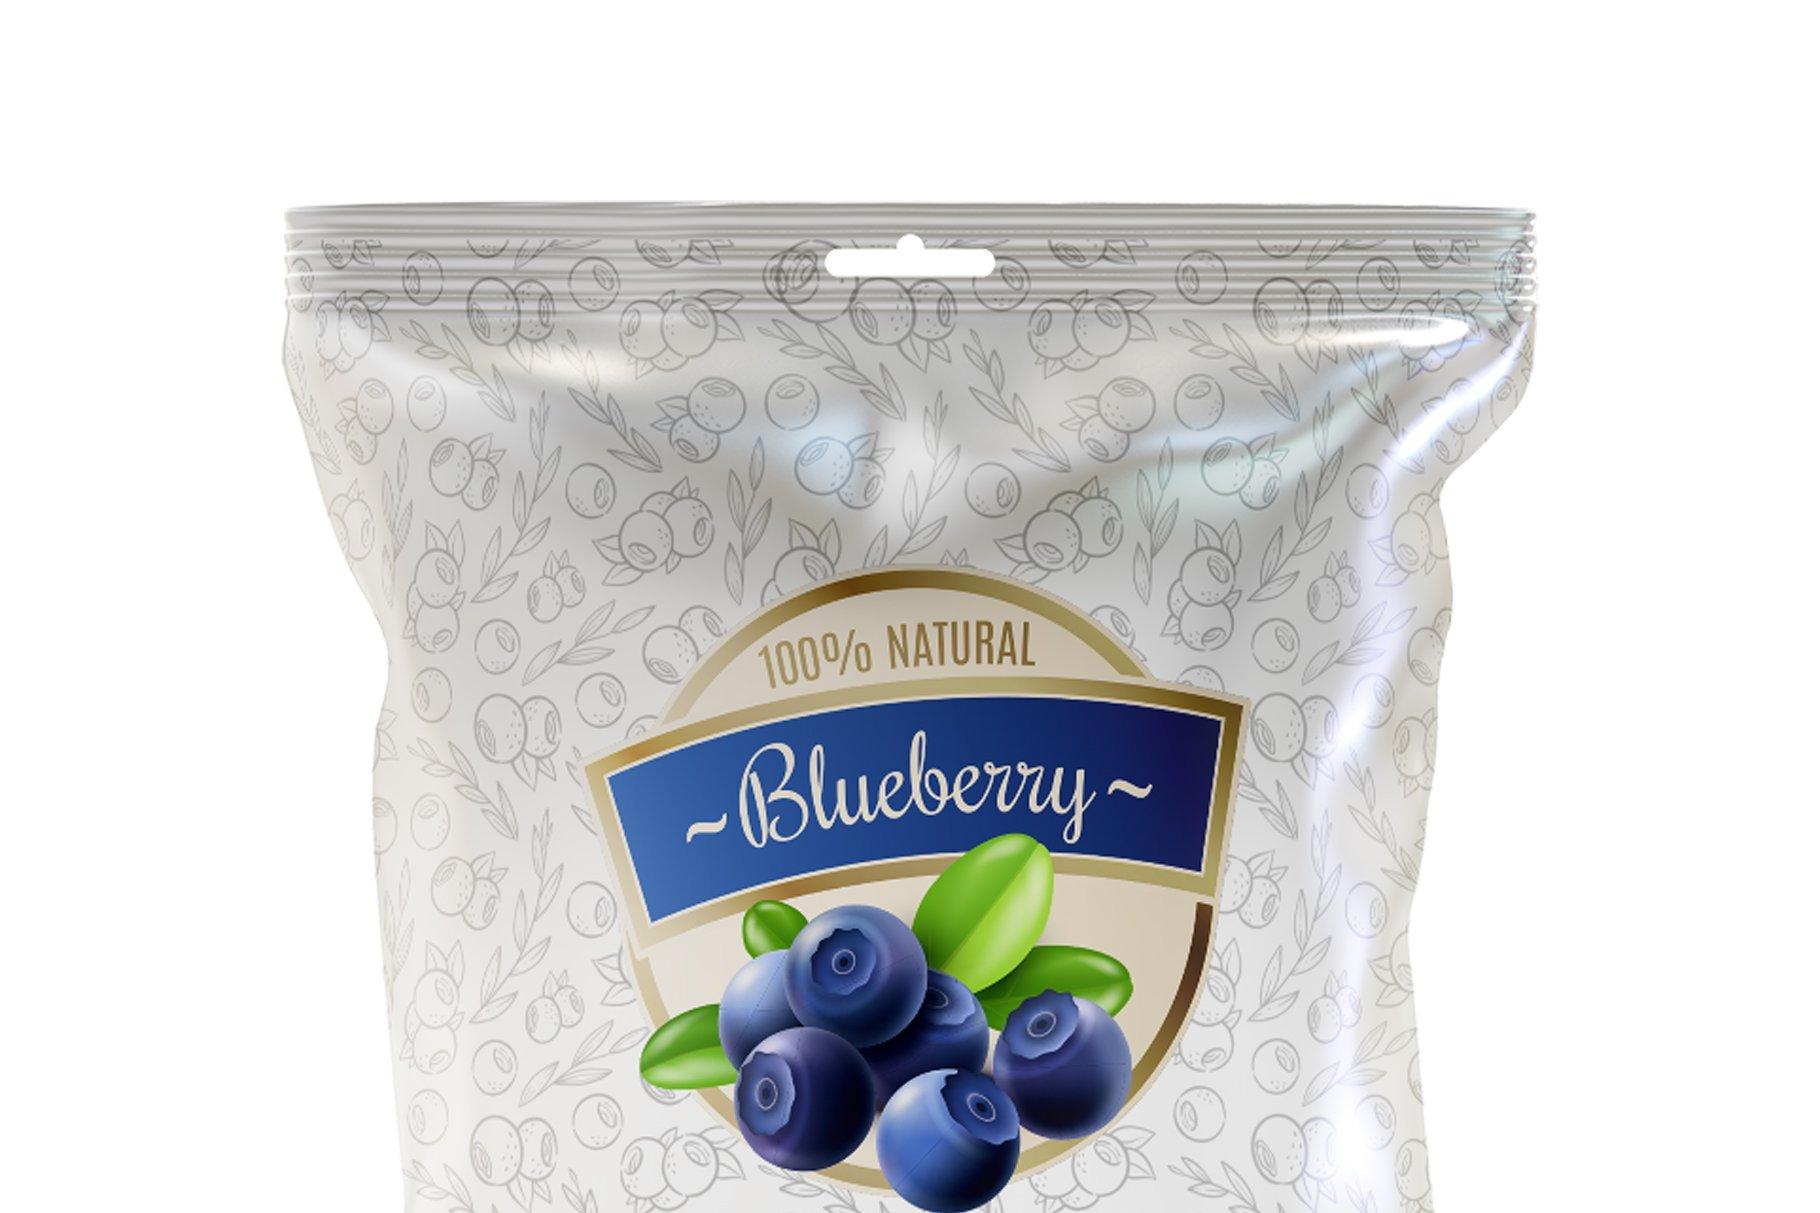 食品小零食塑料袋包装设计展示样机 Snack Mockup插图(3)